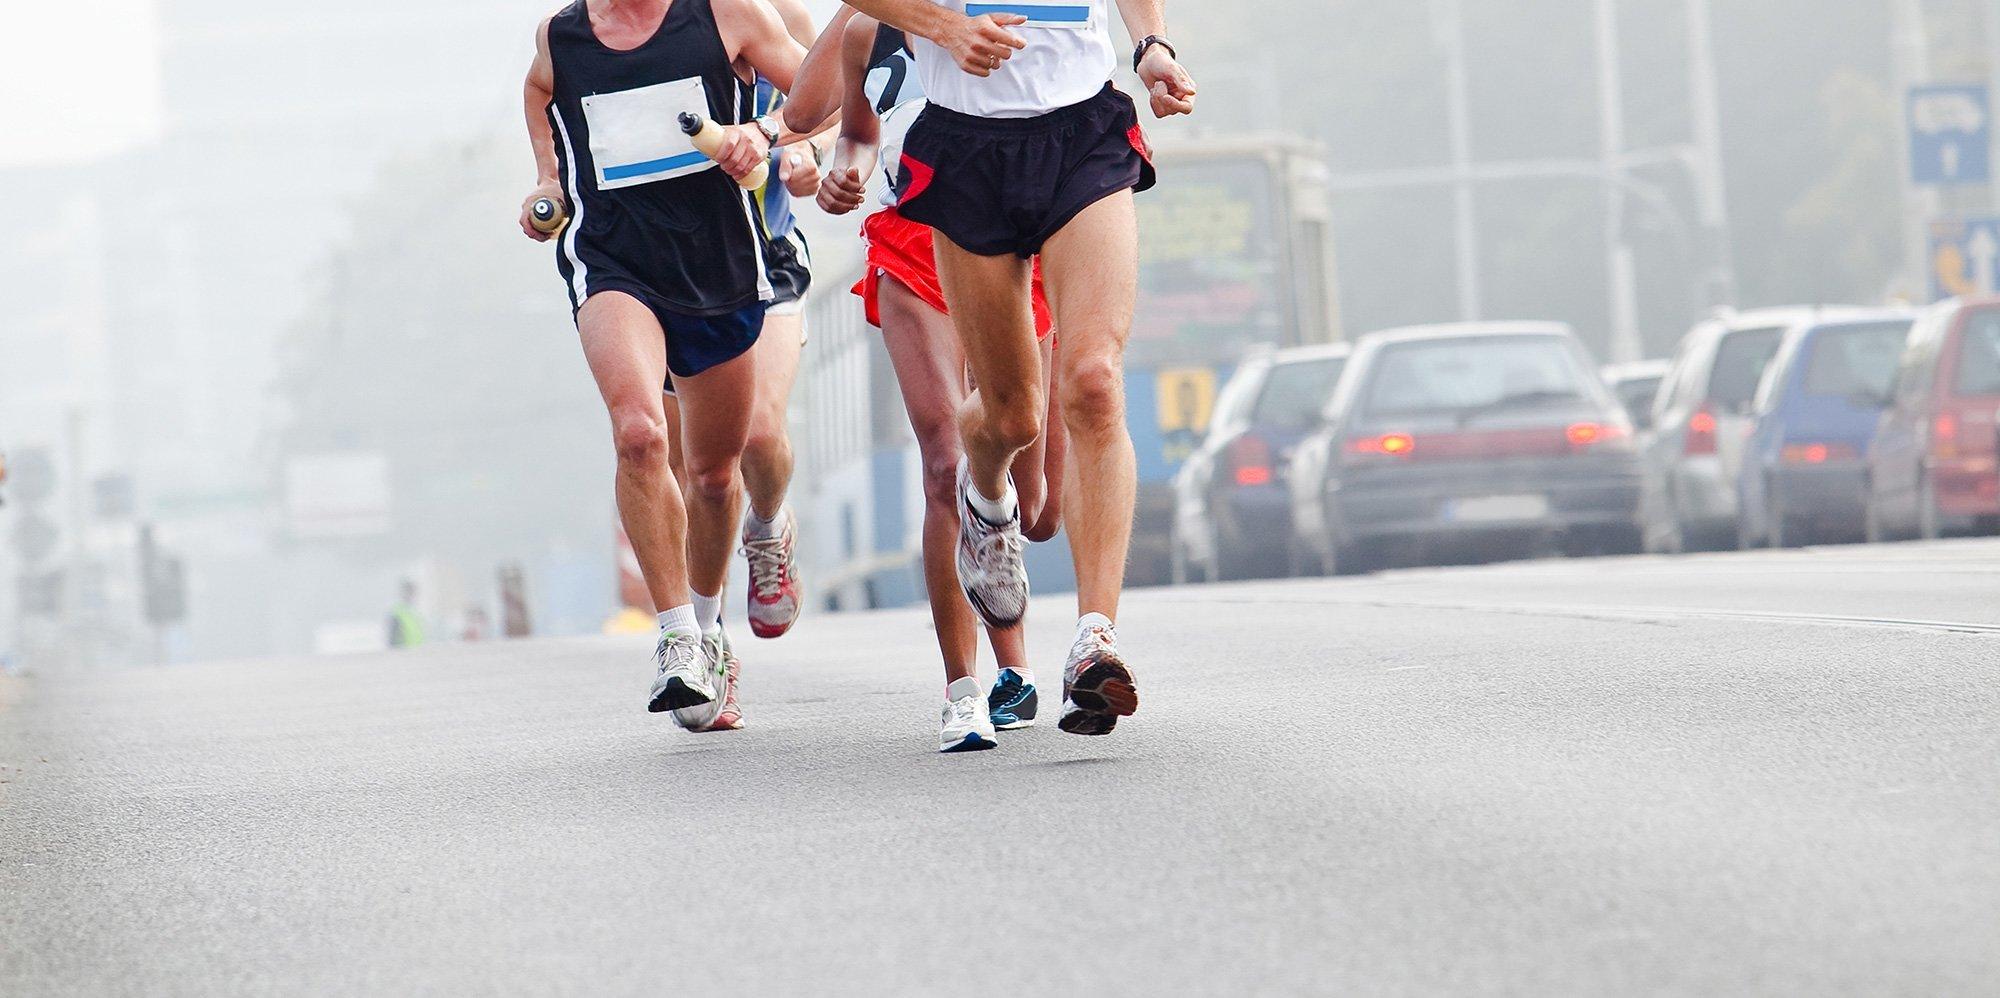 Спортивные мероприятия в Киеве – как провести время интересно и с пользой